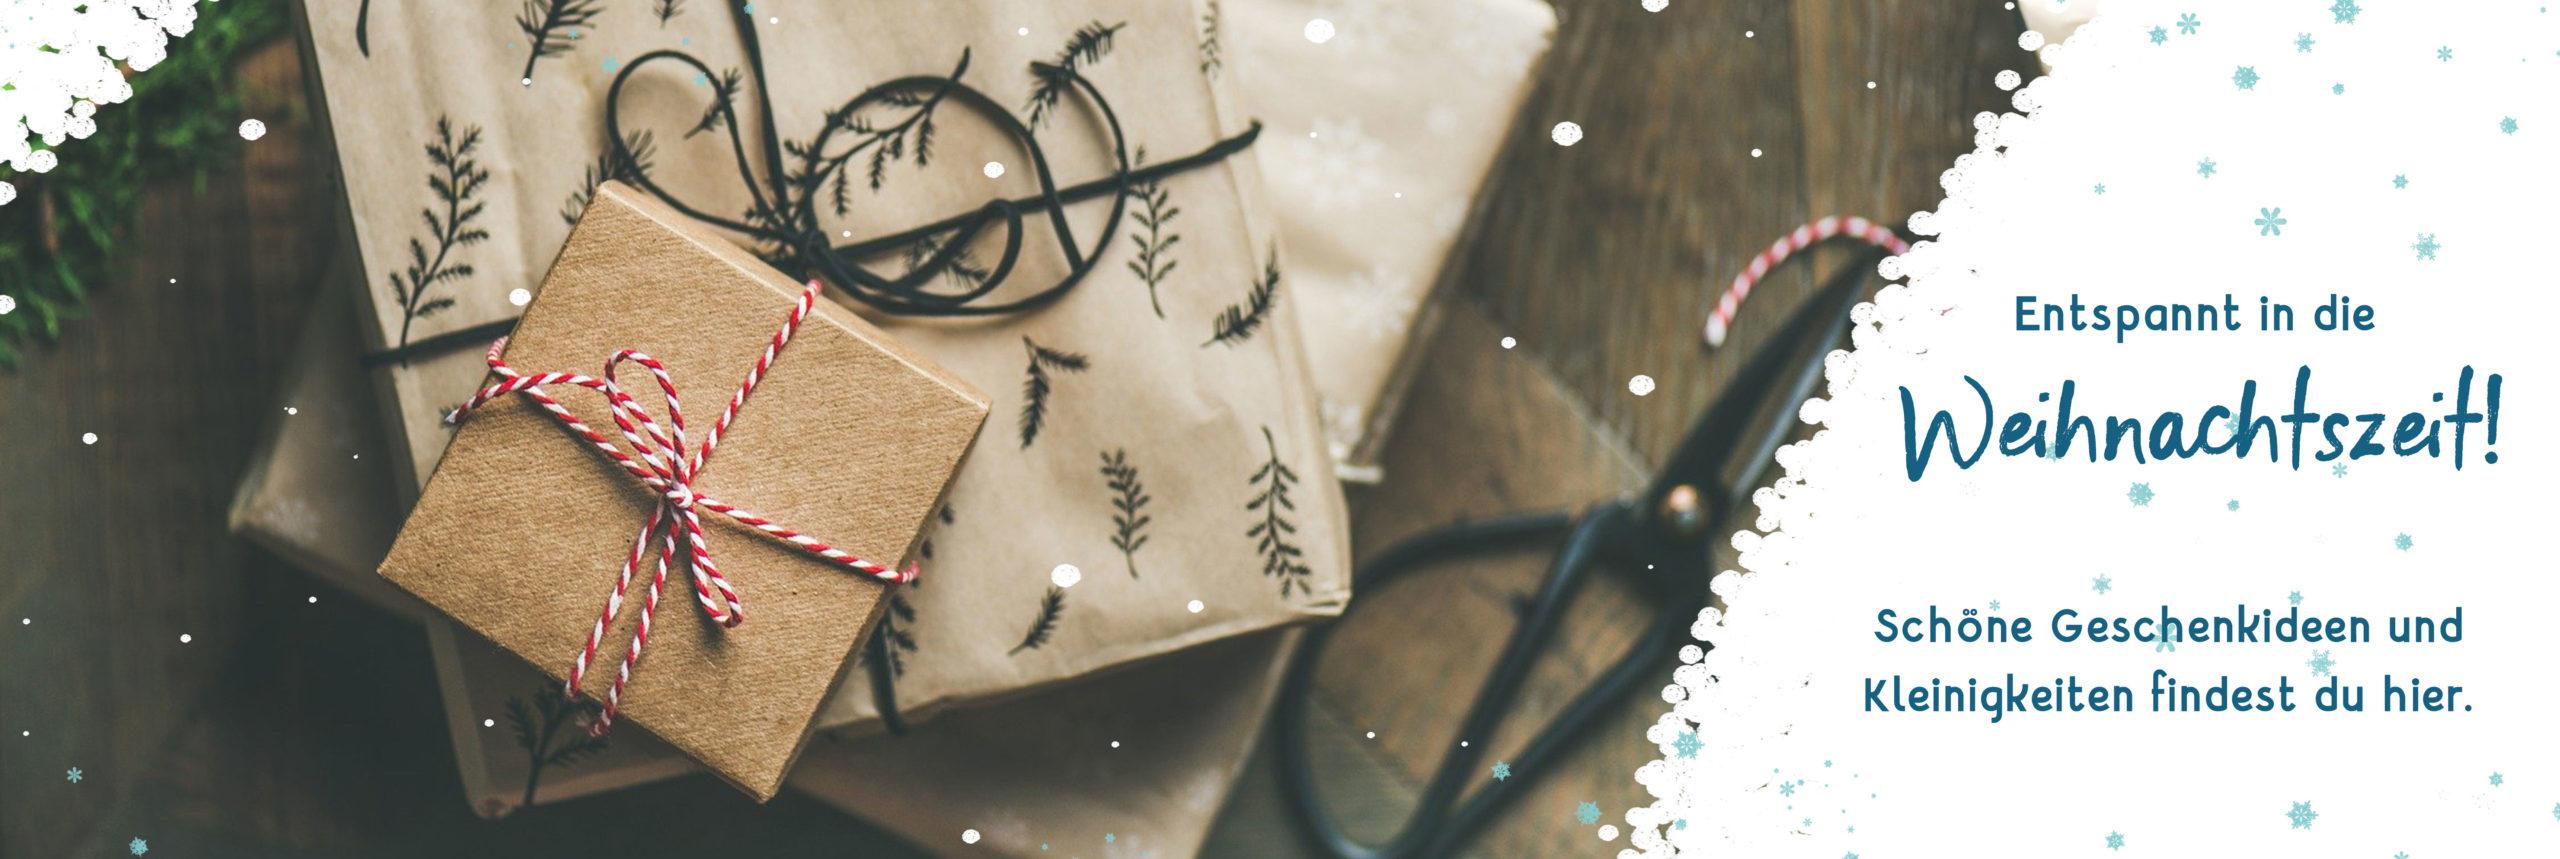 Banner Weihnachten GrafischBecken Geschenke Catharina Voigt